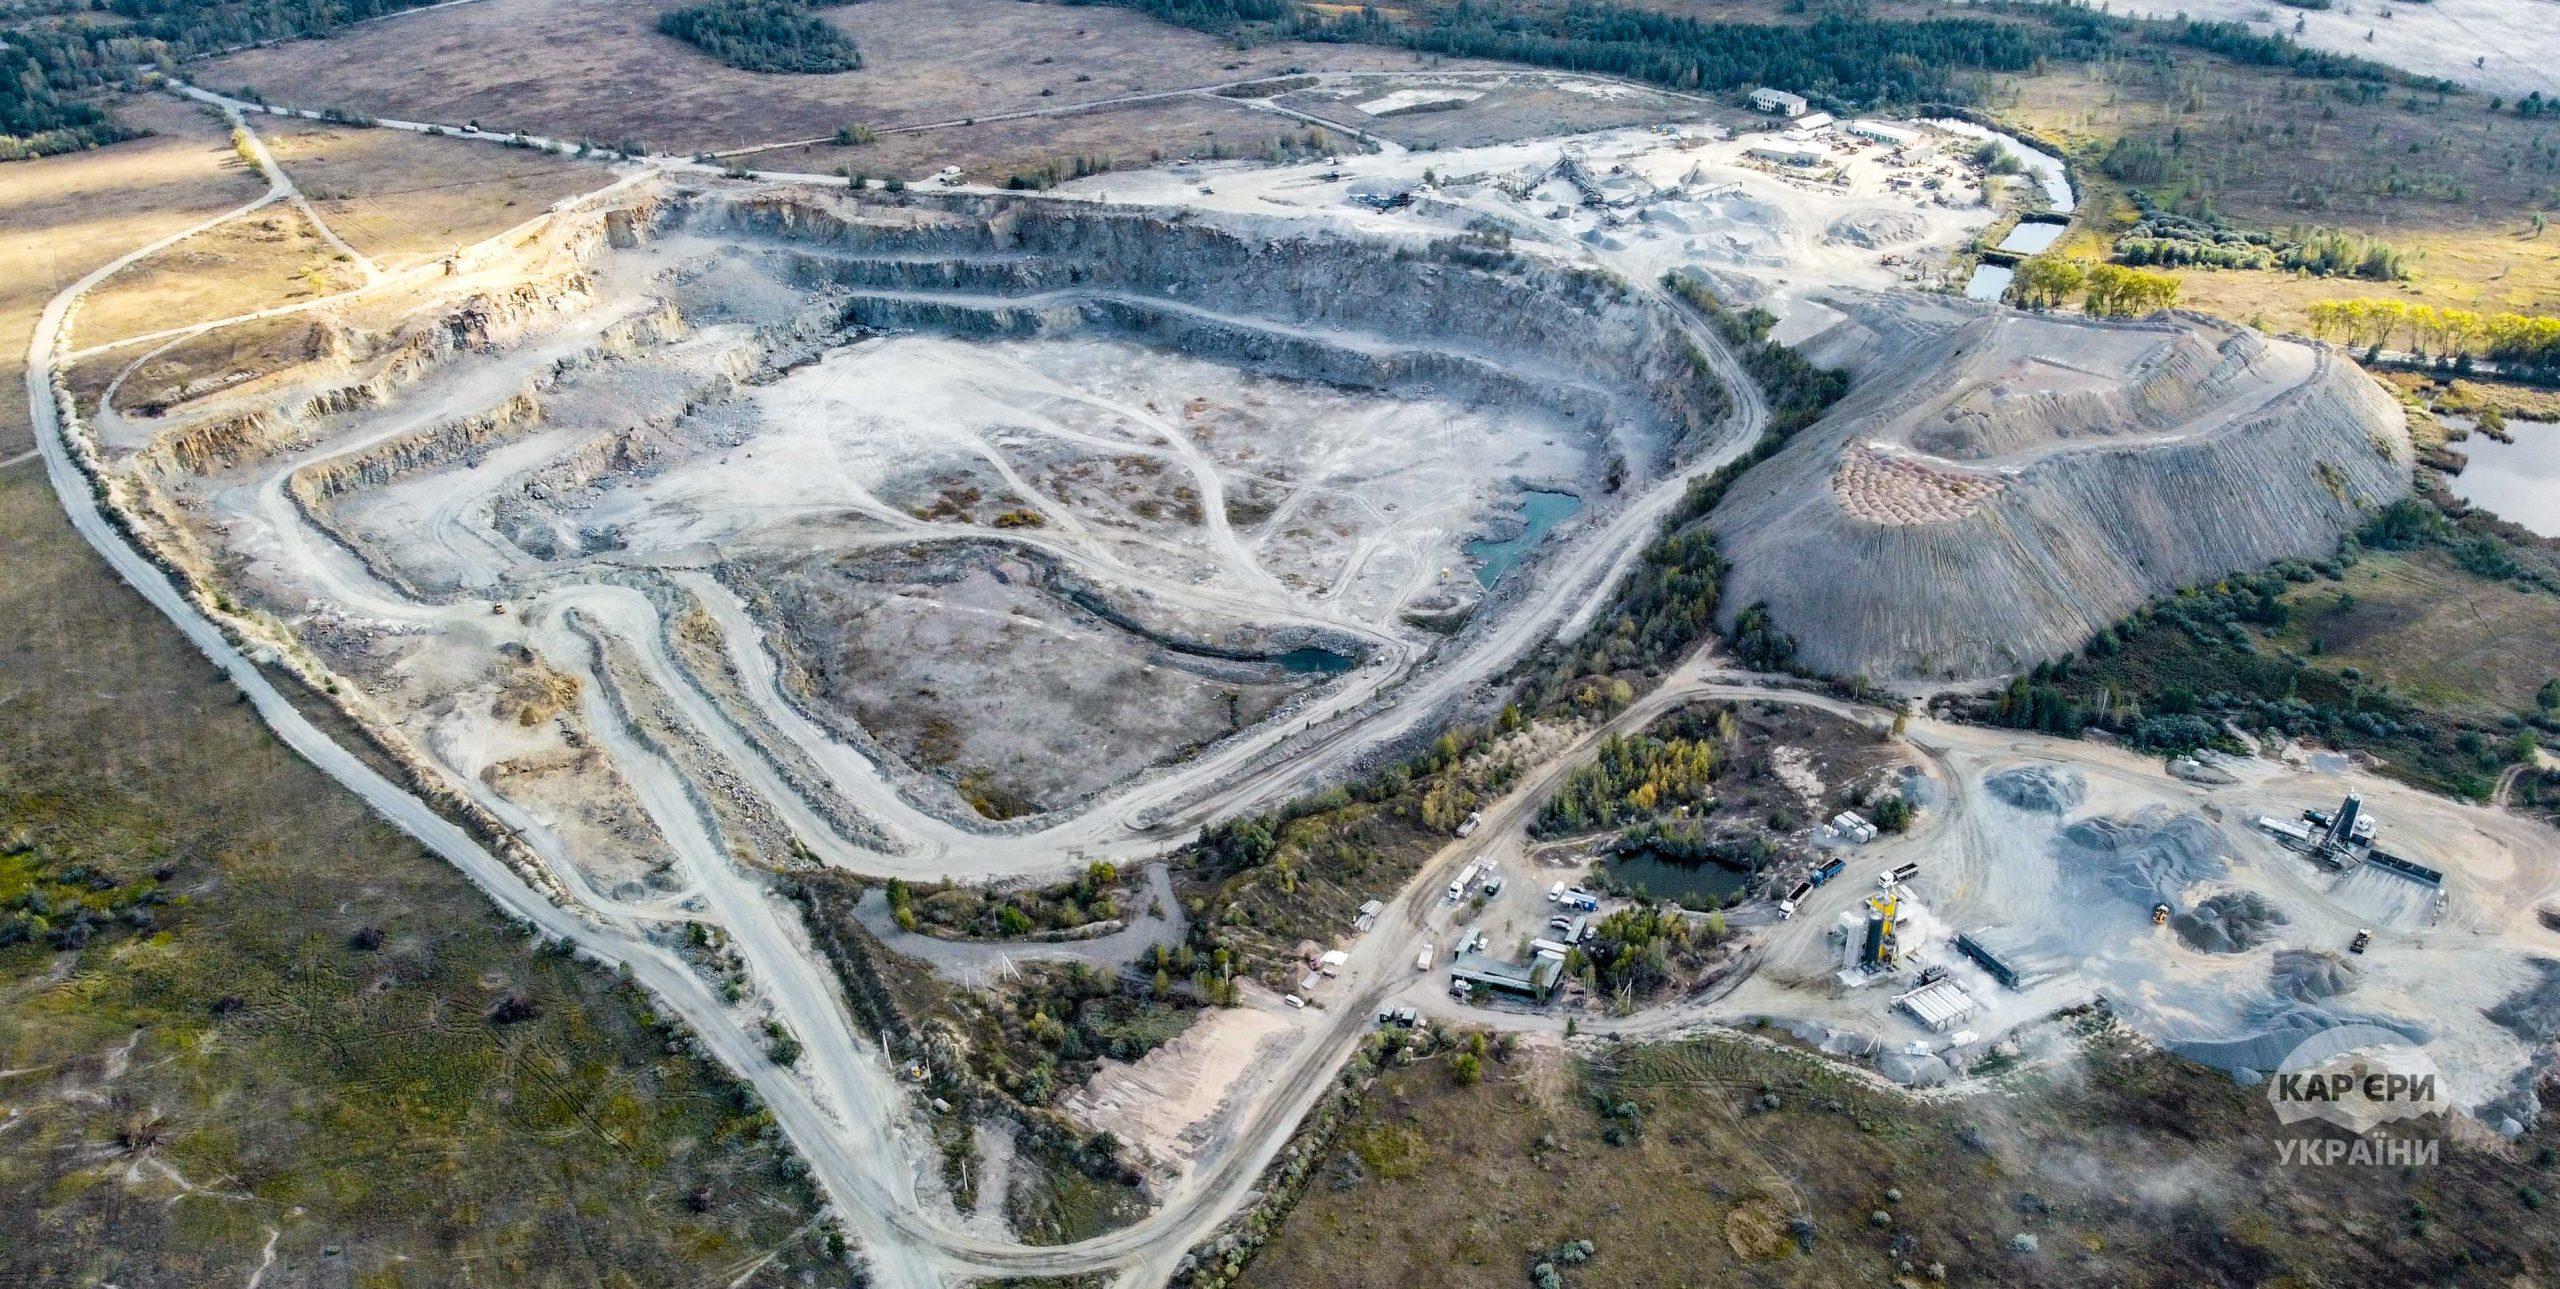 Автостраді дозволили купити Бехівський гранітний кар'єр